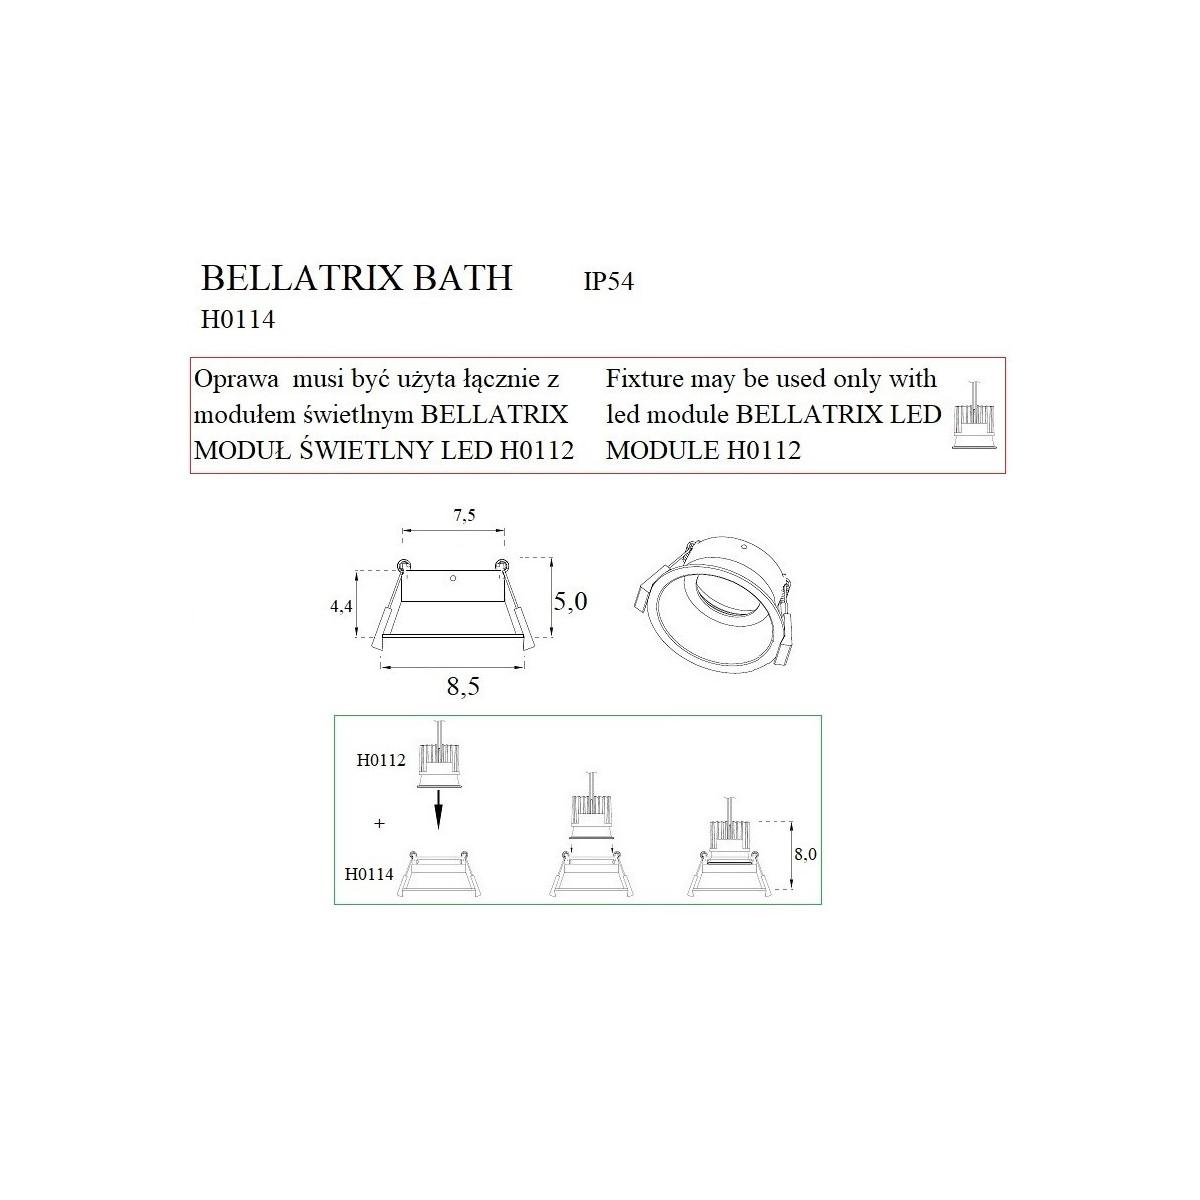 MAXlight Bellatrix Bath Oprawa Wpustowa Czarna IP54 Hermetyczna H0114 - Bez Modułu LED (zamawiany osobno)